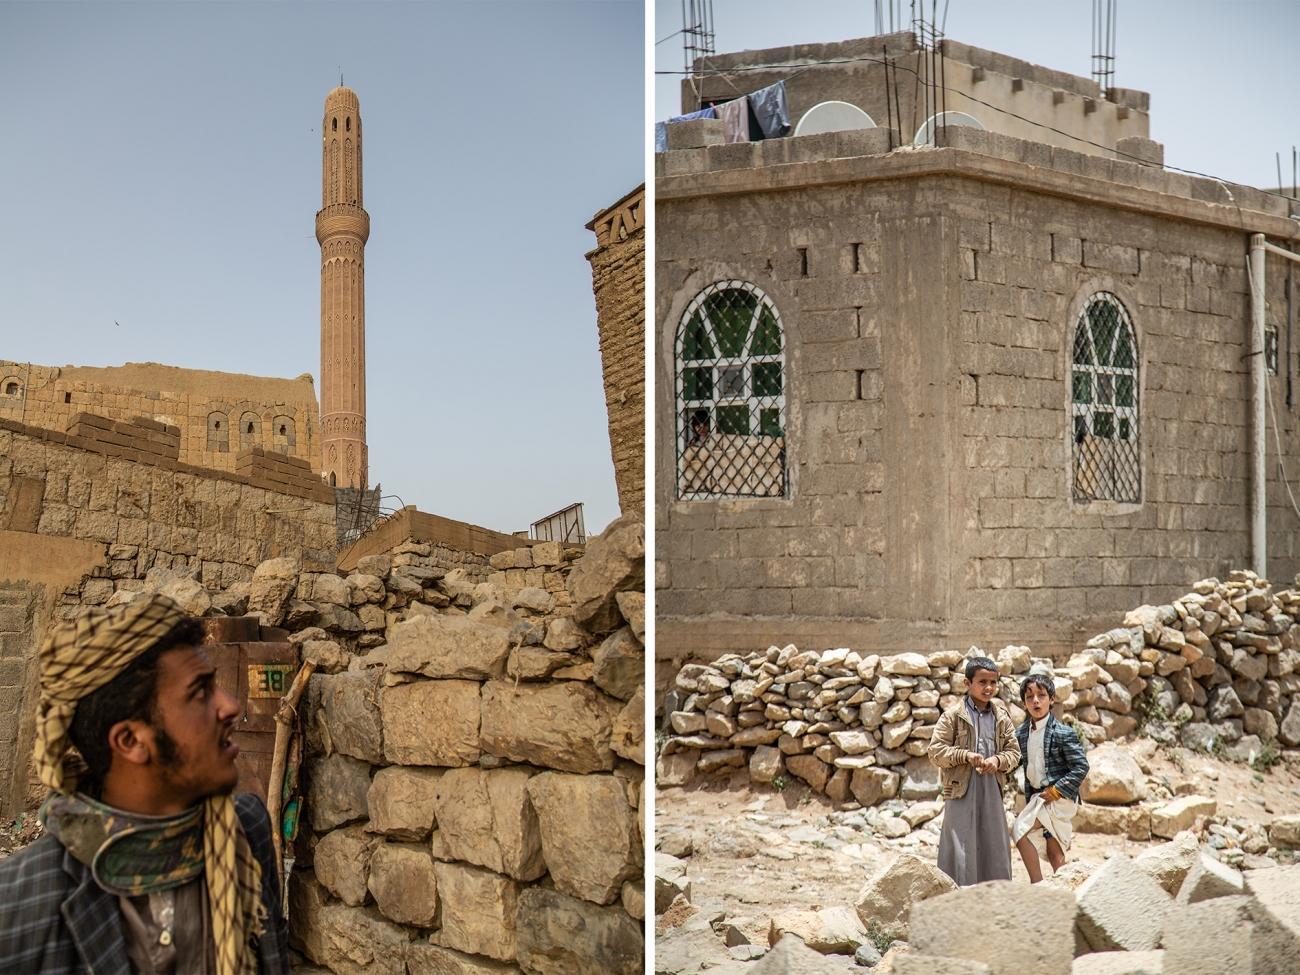 Vieille-ville de Khamer, dans le gouvernorat d'Amran, avril 2019.  © Agnes Varraine-Leca/MSF